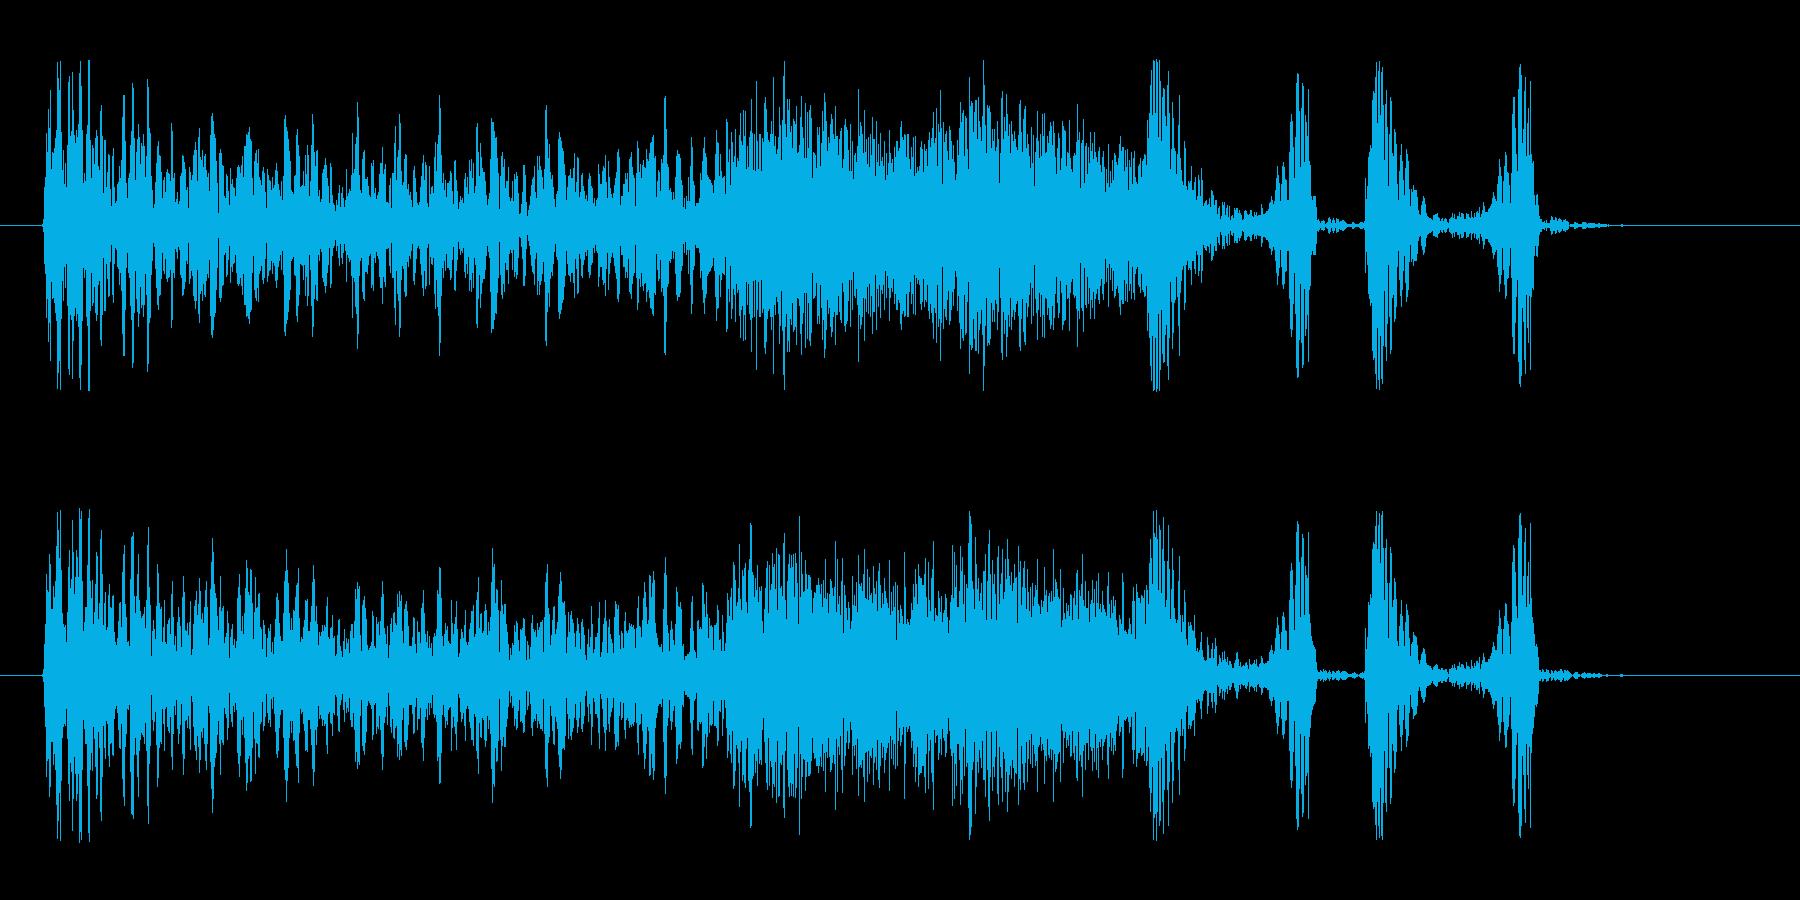 【つまずく感じ1】の再生済みの波形